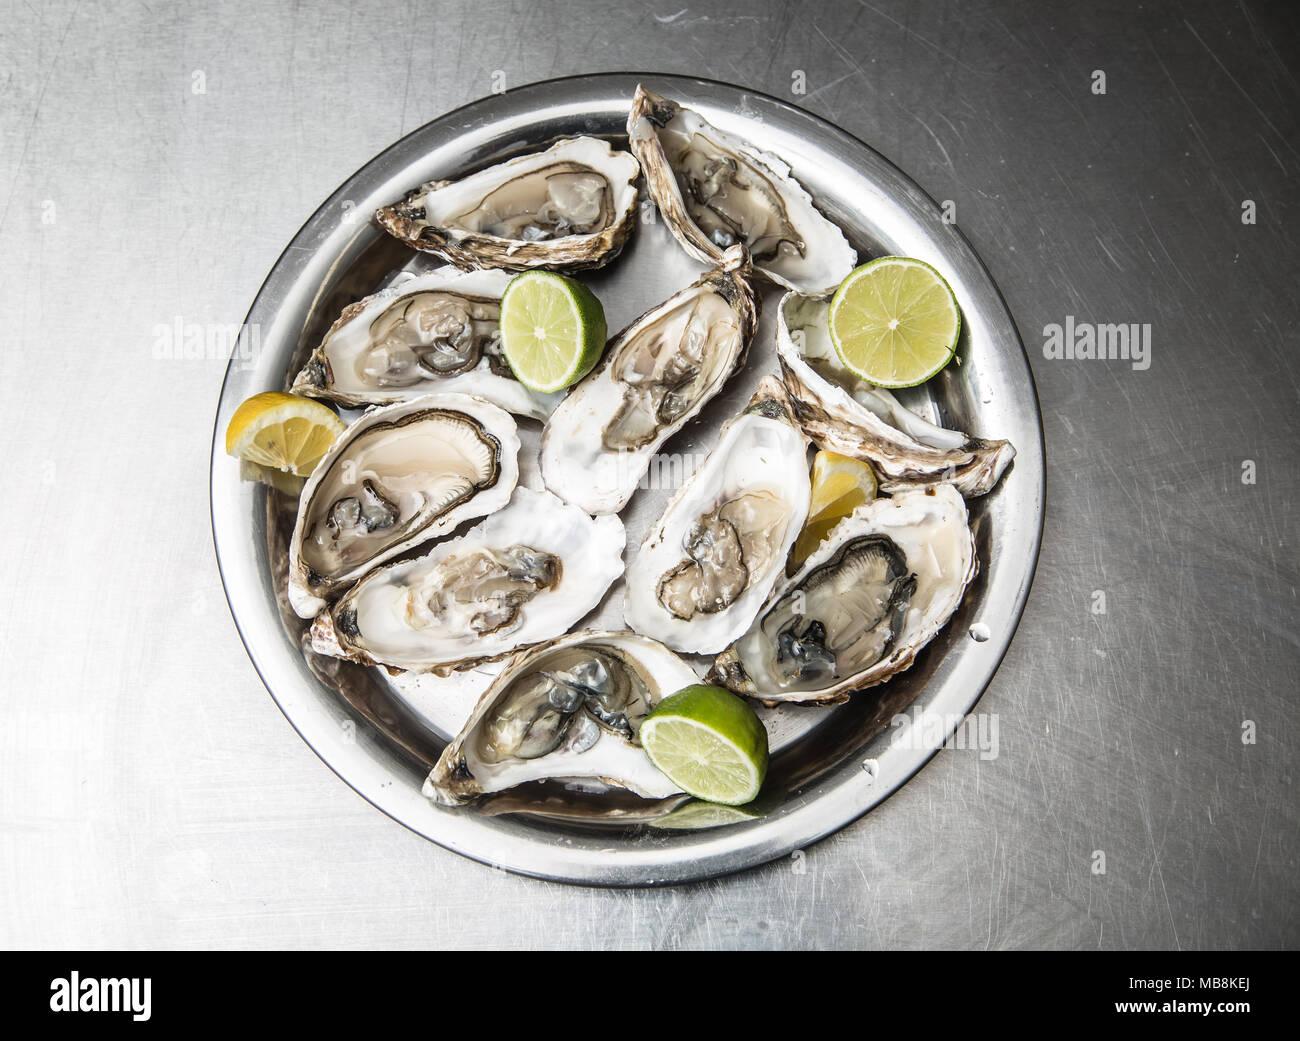 Mehrere geöffnete Austern mit Zitrone und Limone. Stockbild